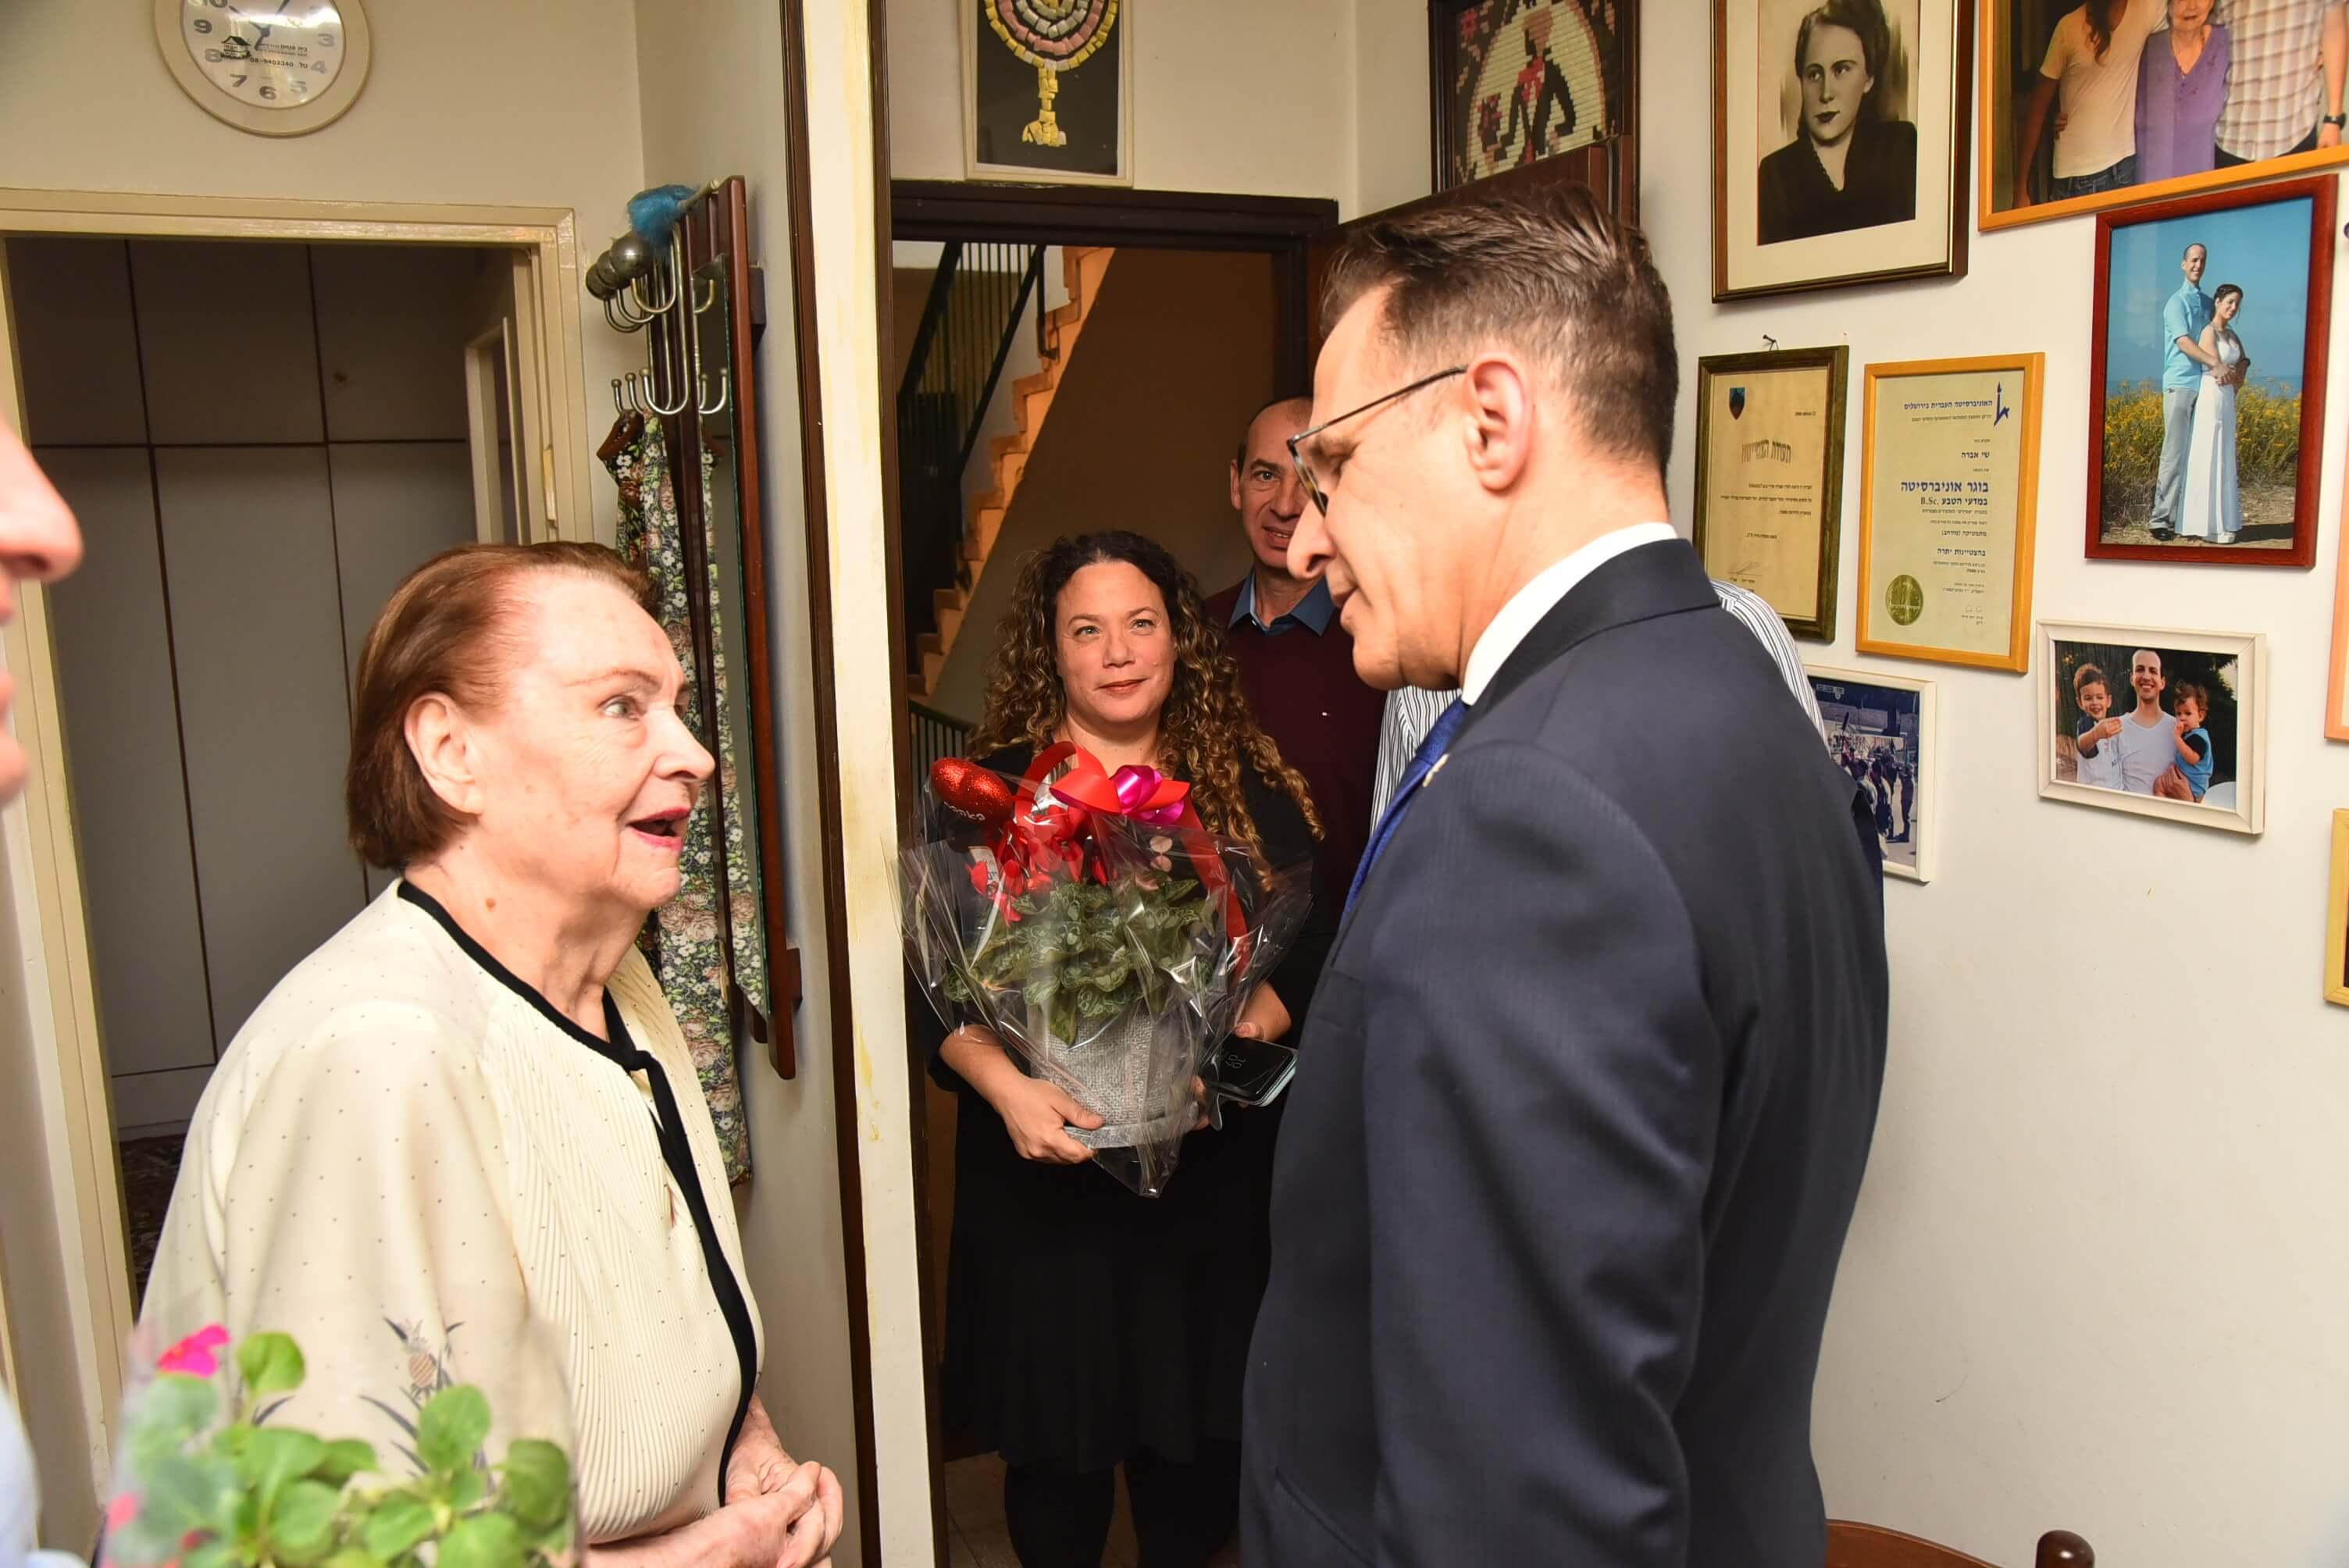 מזכיר הממשלה מר צחי ברוורמן מבקר את לידיה קלדרריו בנס ציונה. צילום: חובב אולפני צילום.